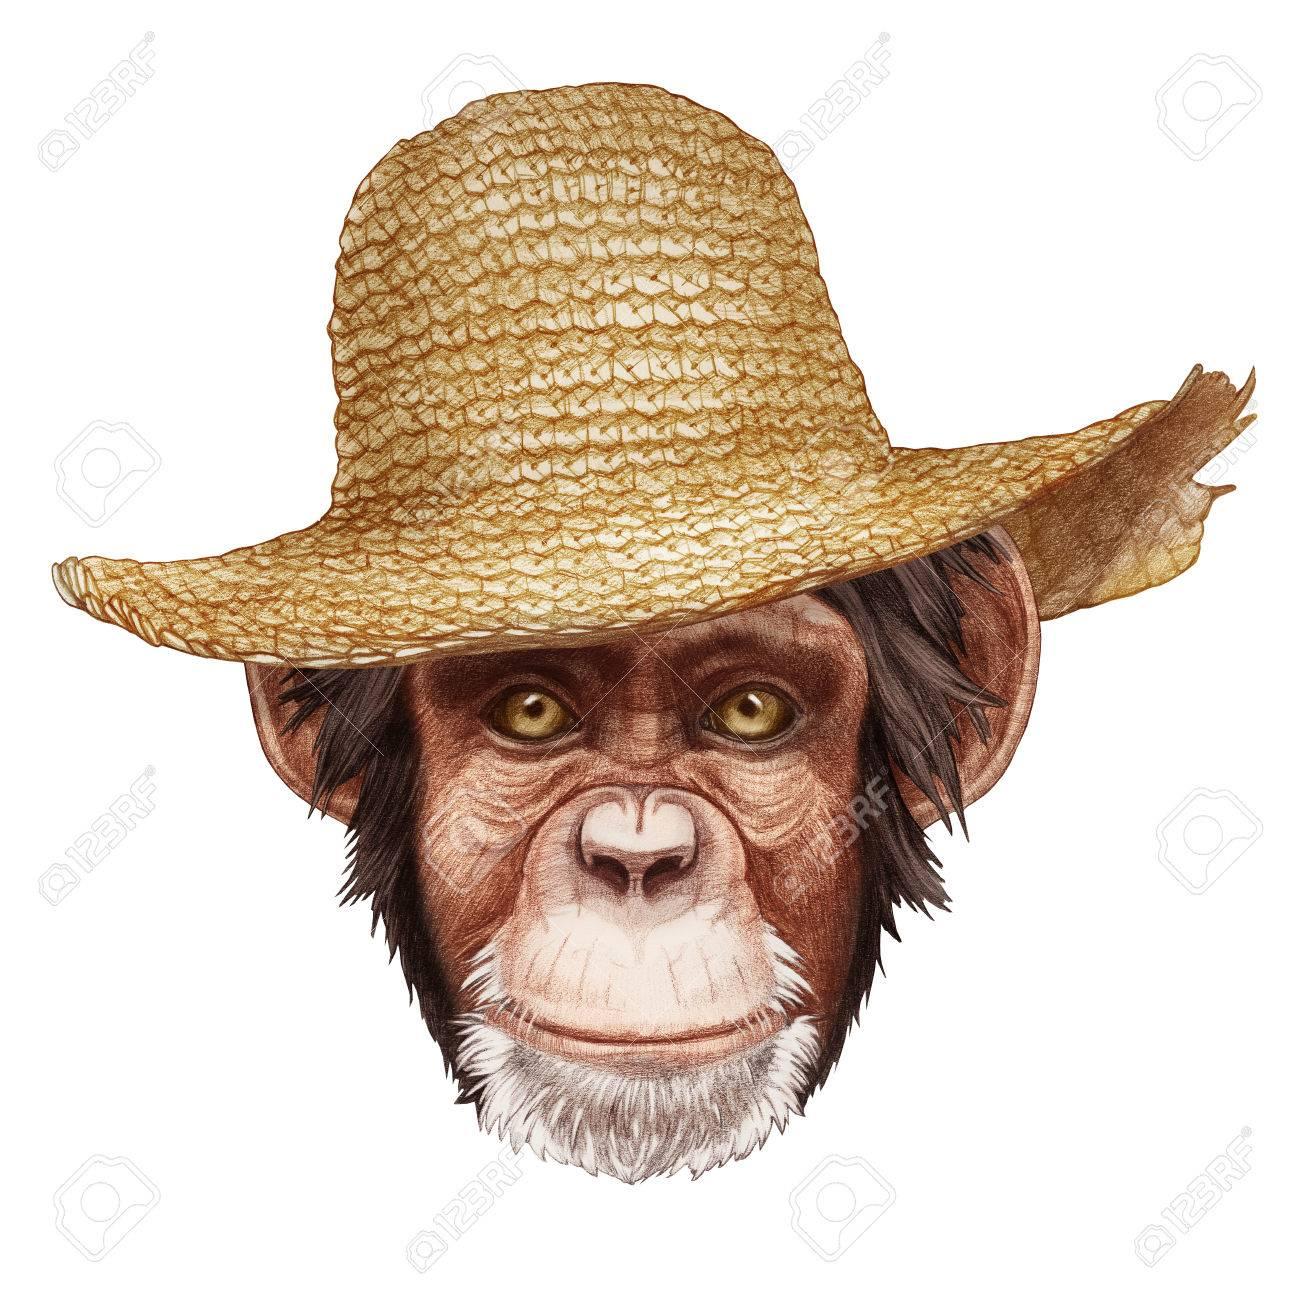 麦わら帽子と猿の肖像画手描きイラストデジタル色します の写真